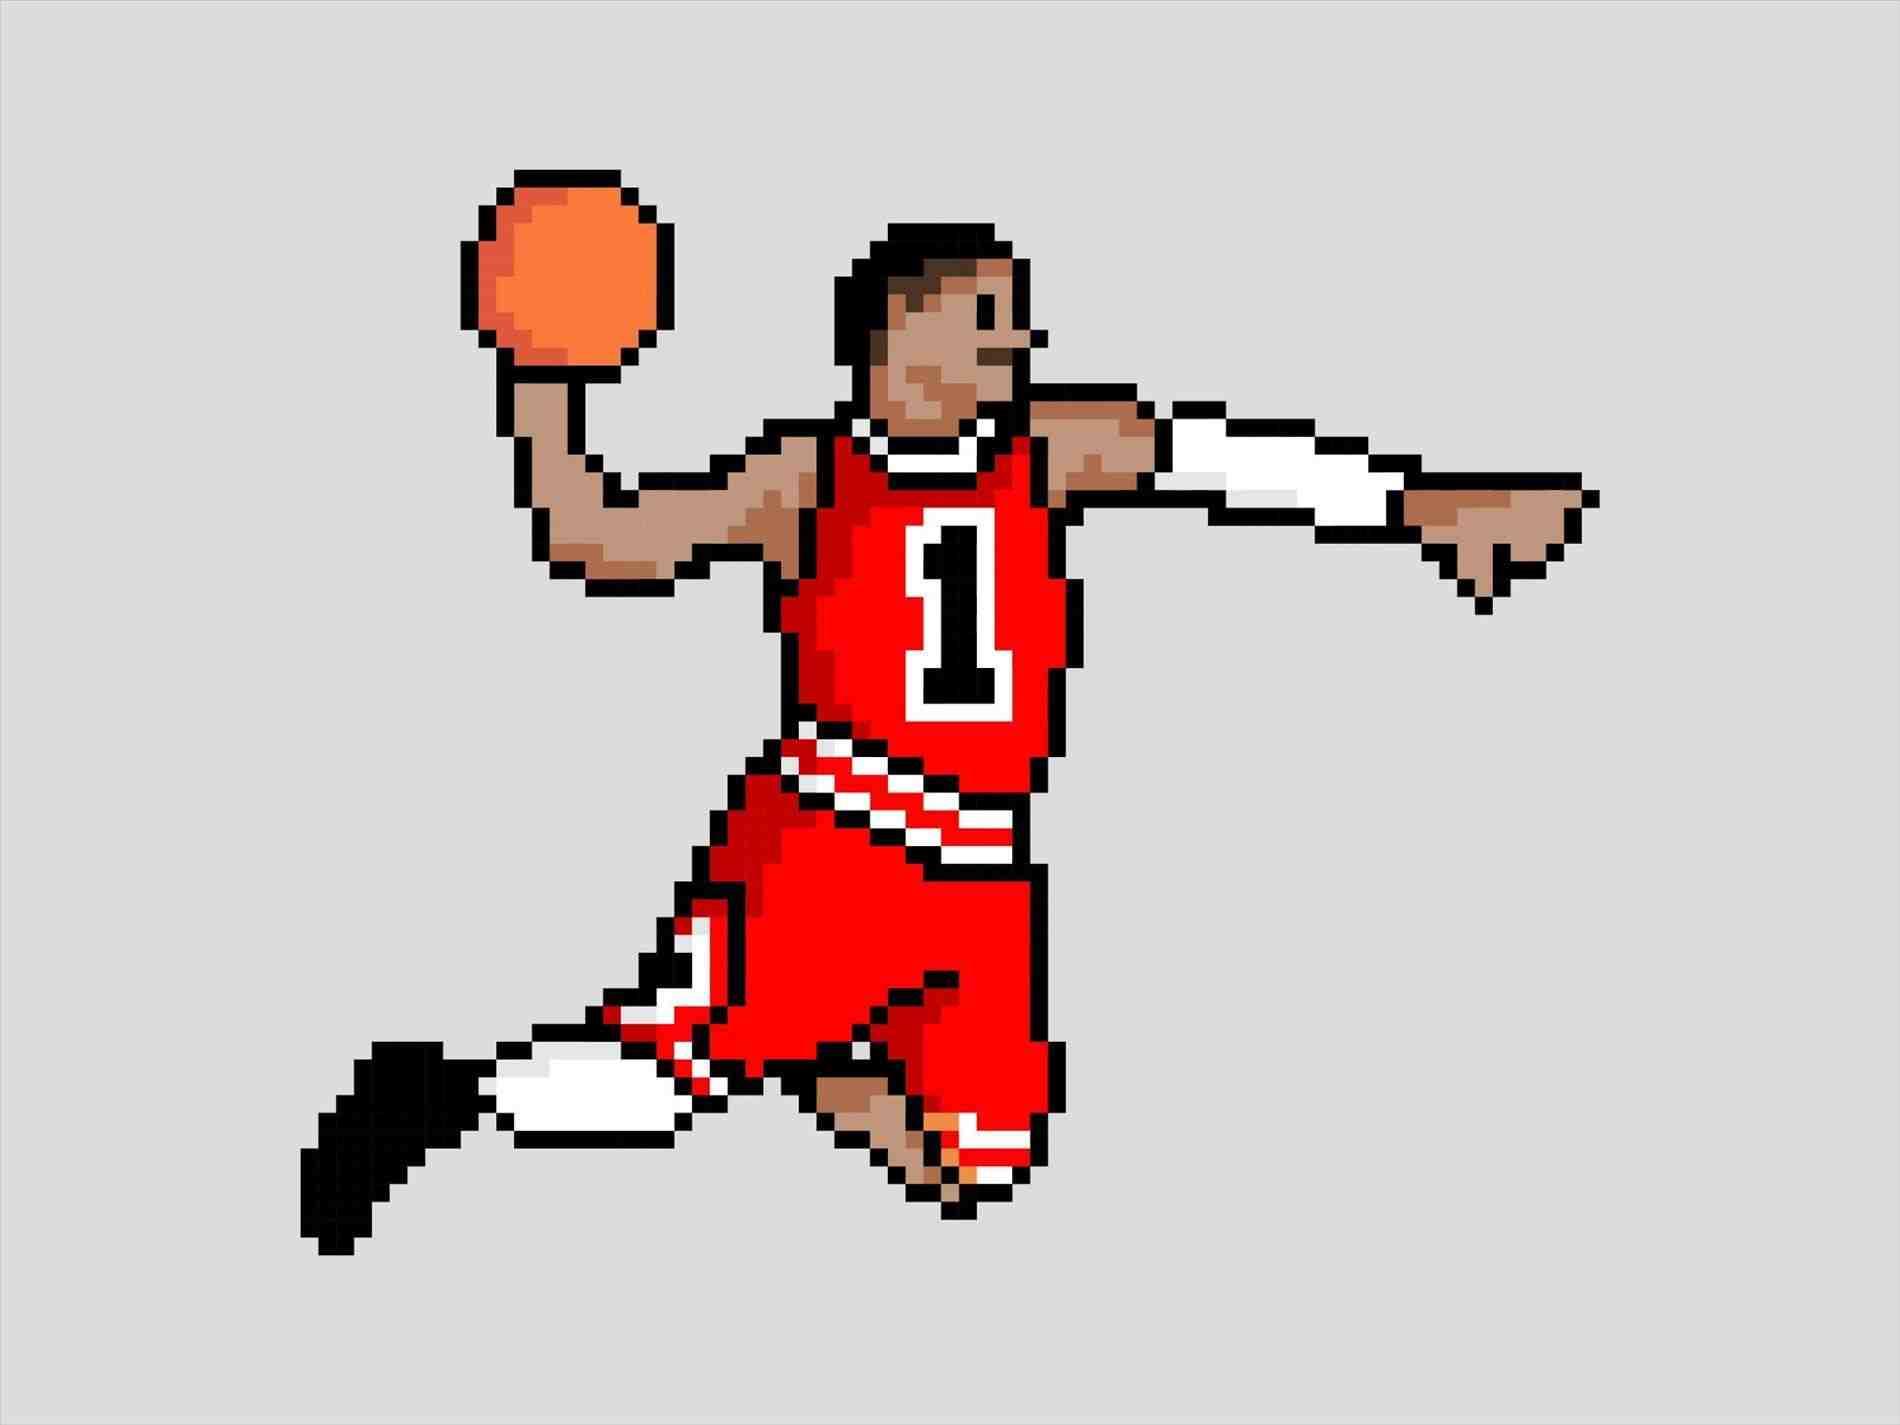 1900x1425 Basketball Htdevesign